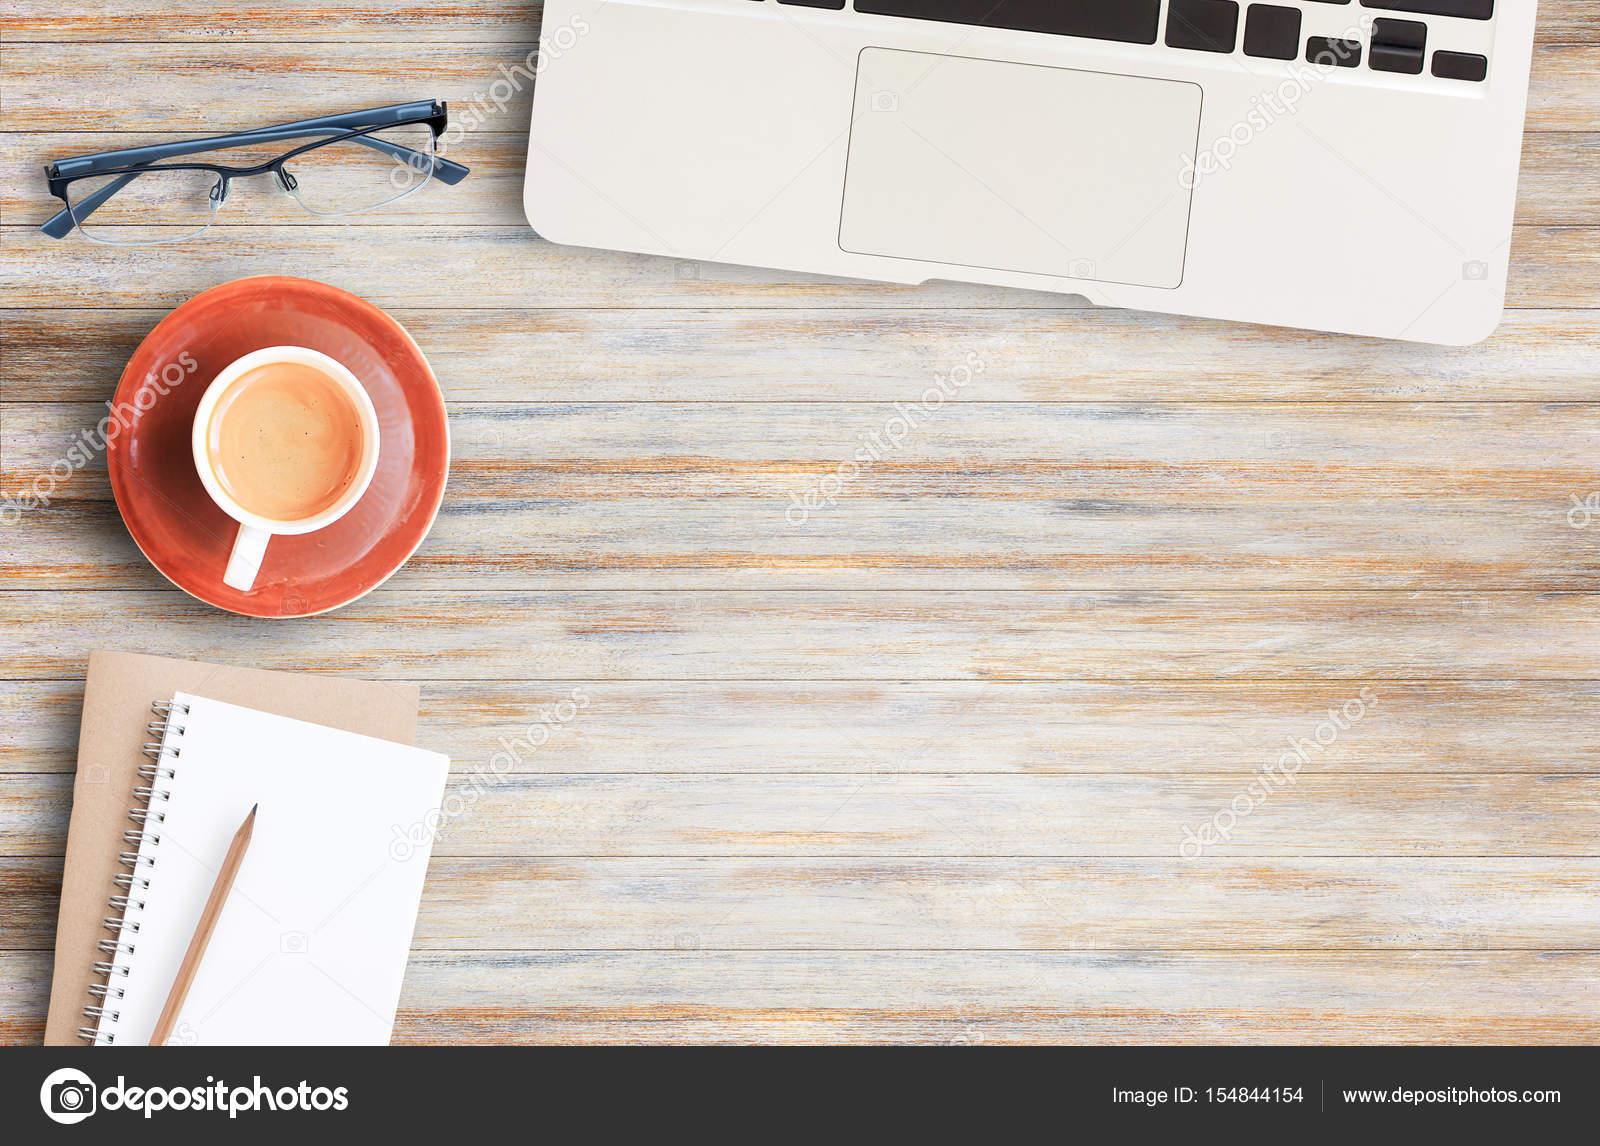 Scrivania Ufficio In Legno : Tavolo scrivania ufficio di legno con un sacco di cose su di esso